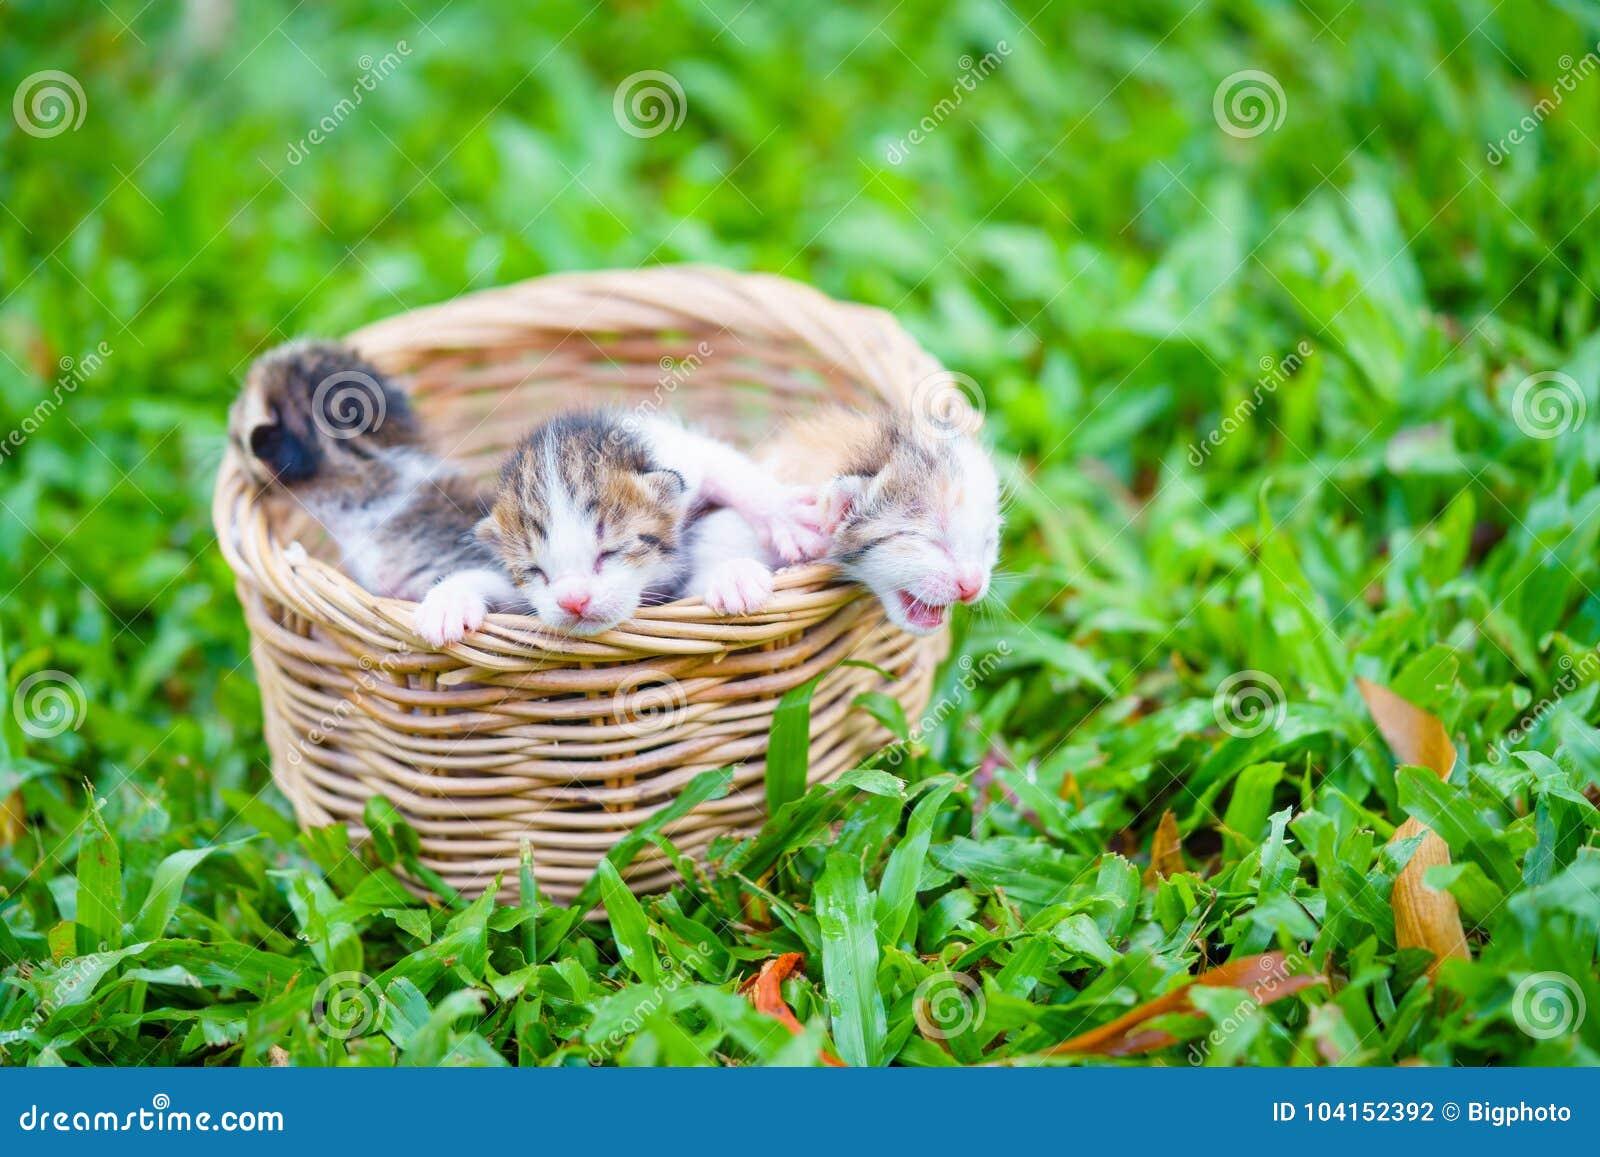 Tres gatitos recién nacidos que se sientan en cesta de mimbre en hierba verde